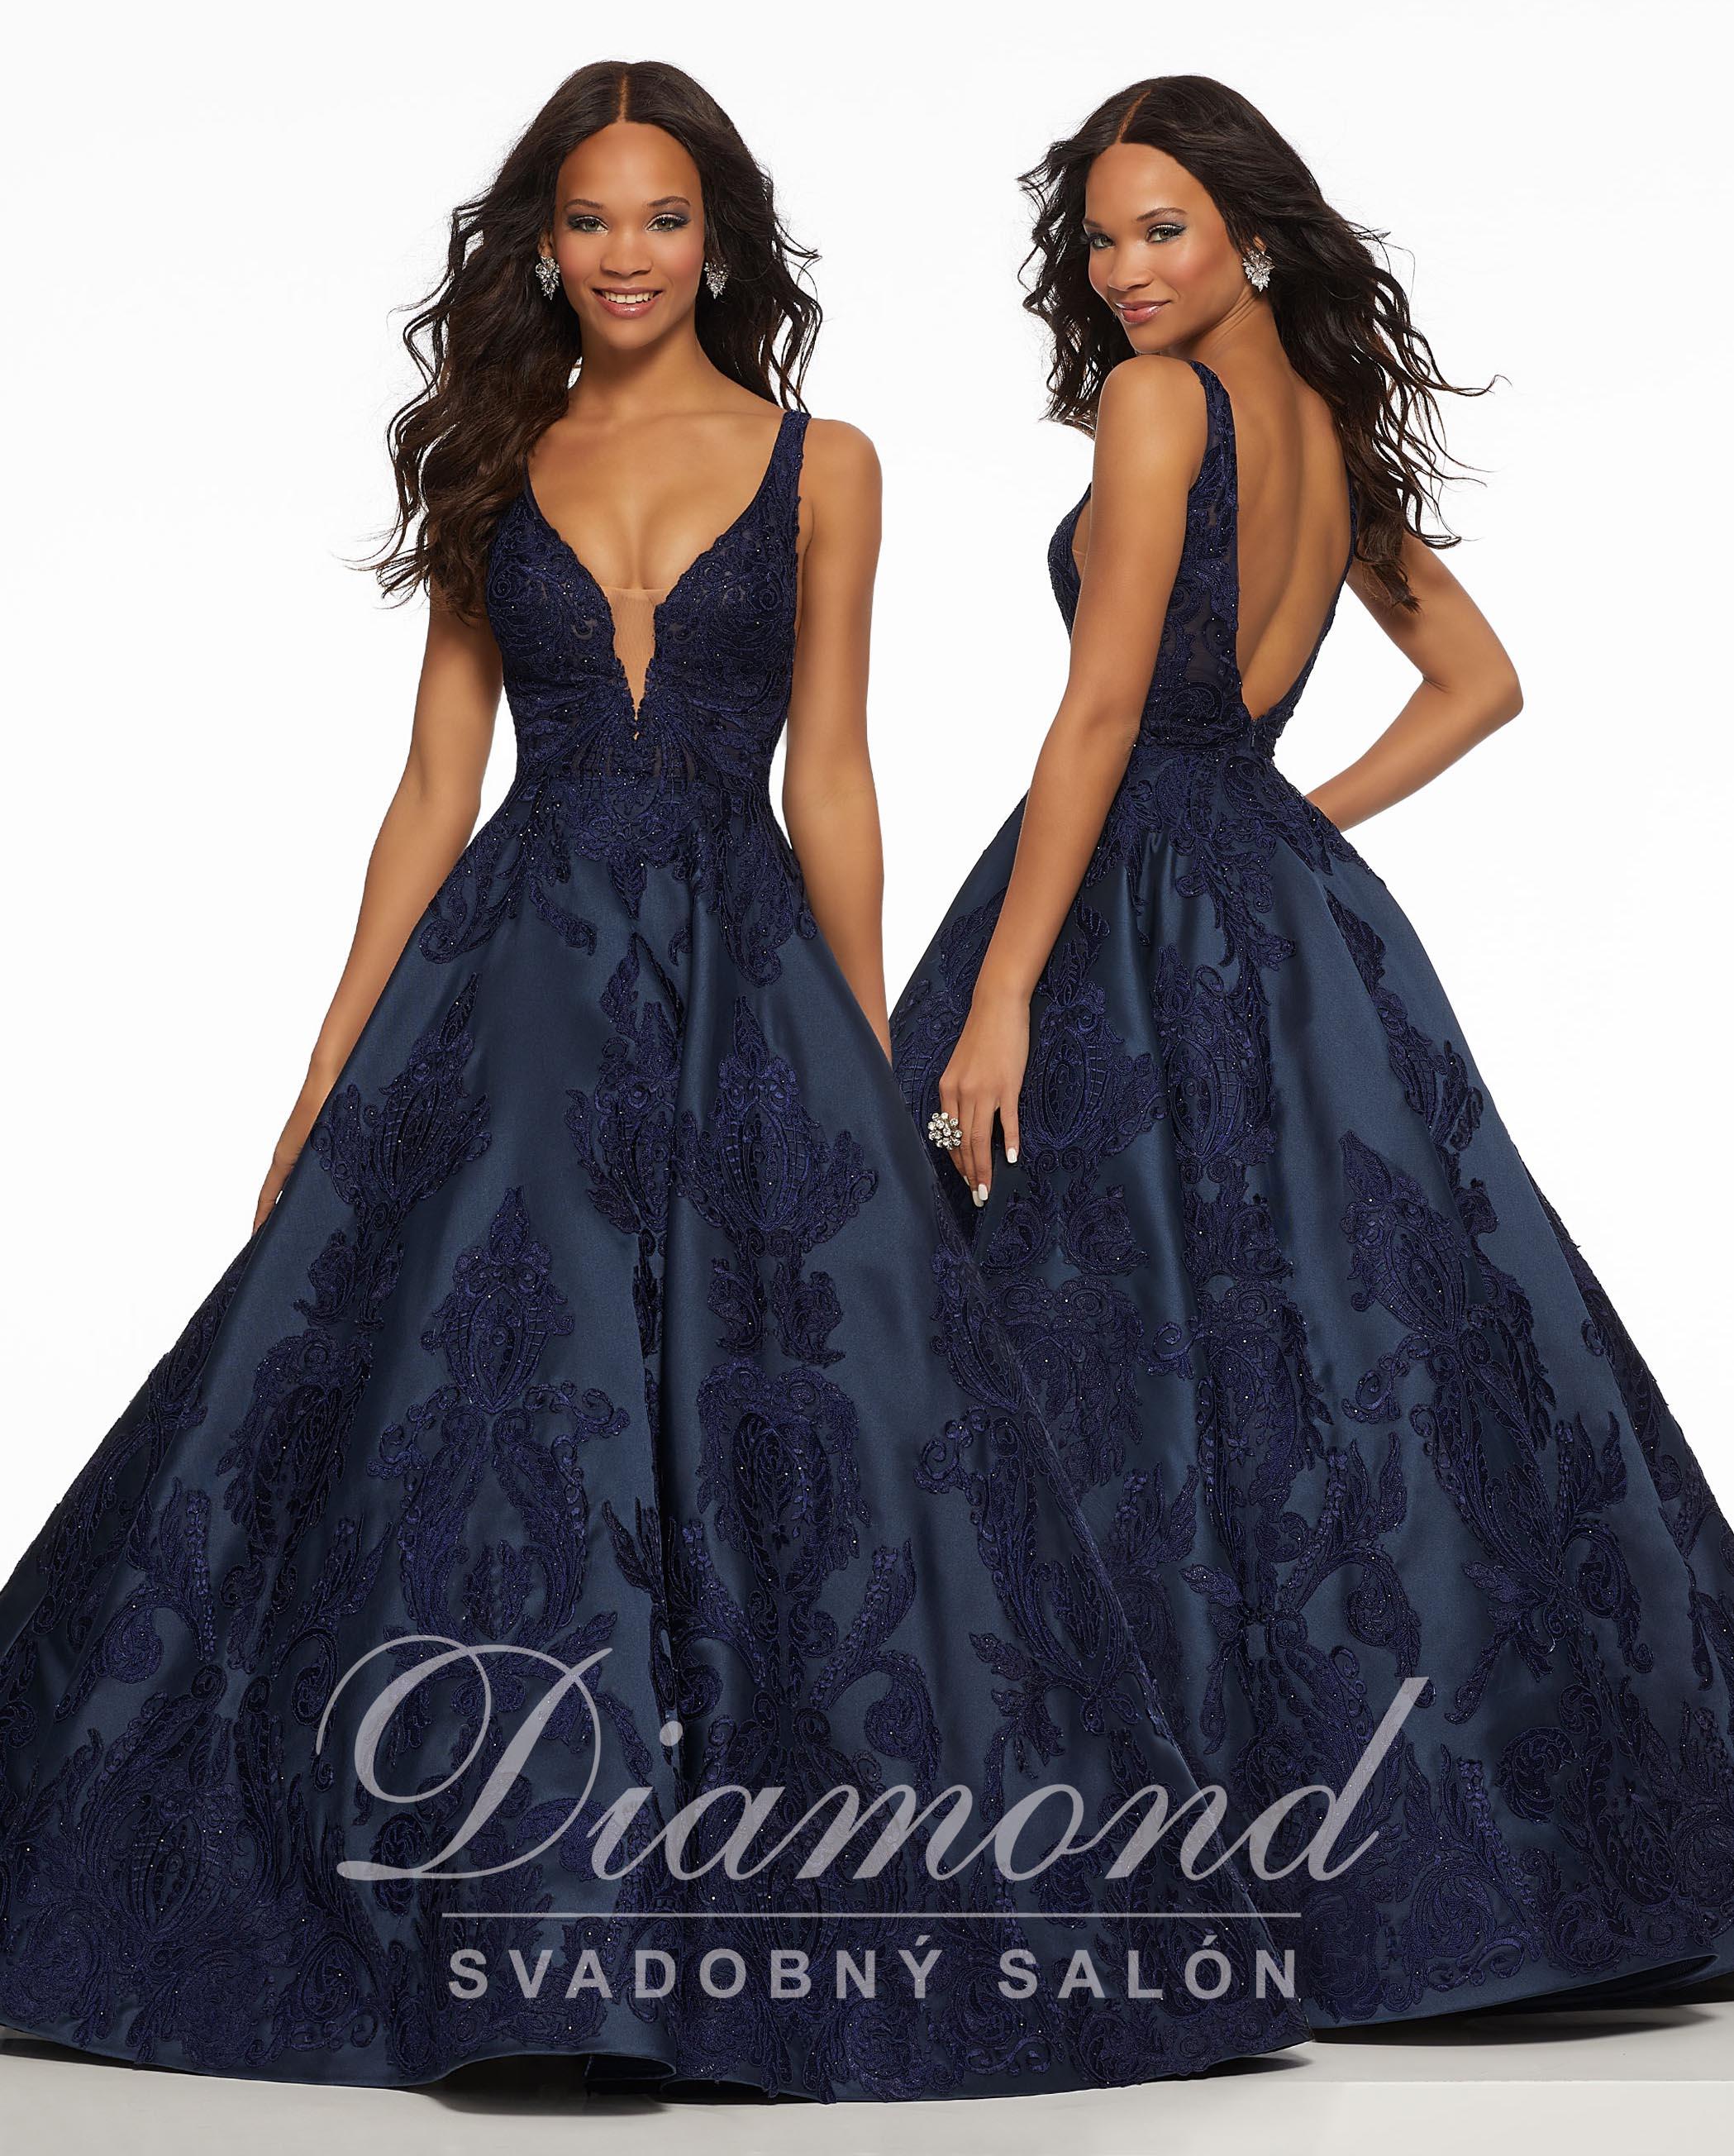 dd8cd92442e7 ... Svadobný salón Diamond Nitra - šaty na každú príležitosť ...